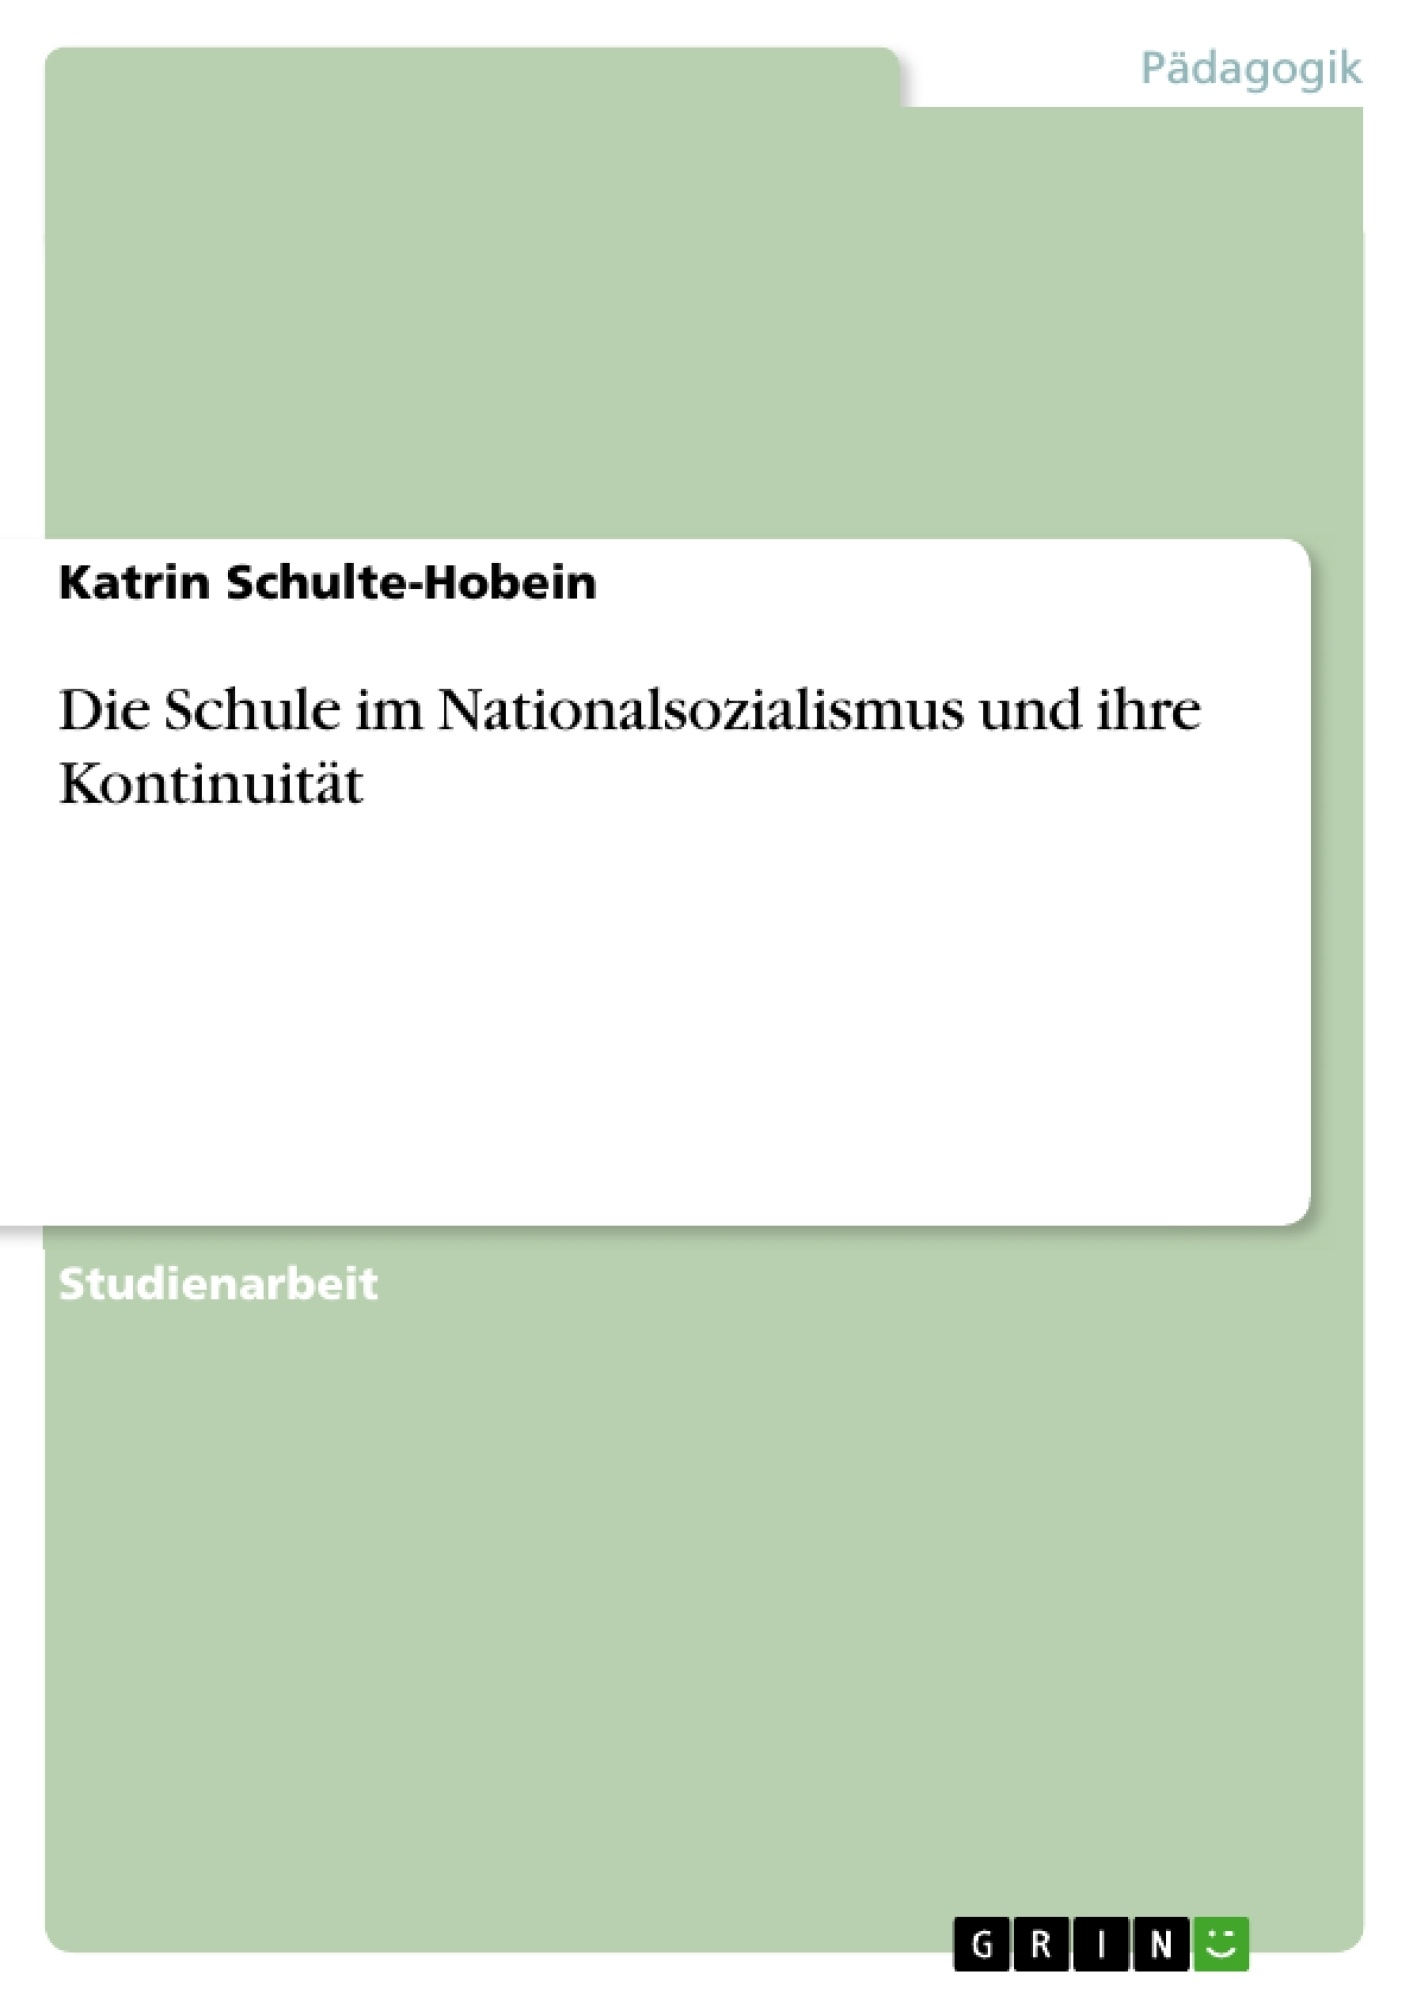 Titel: Die Schule im Nationalsozialismus und ihre Kontinuität